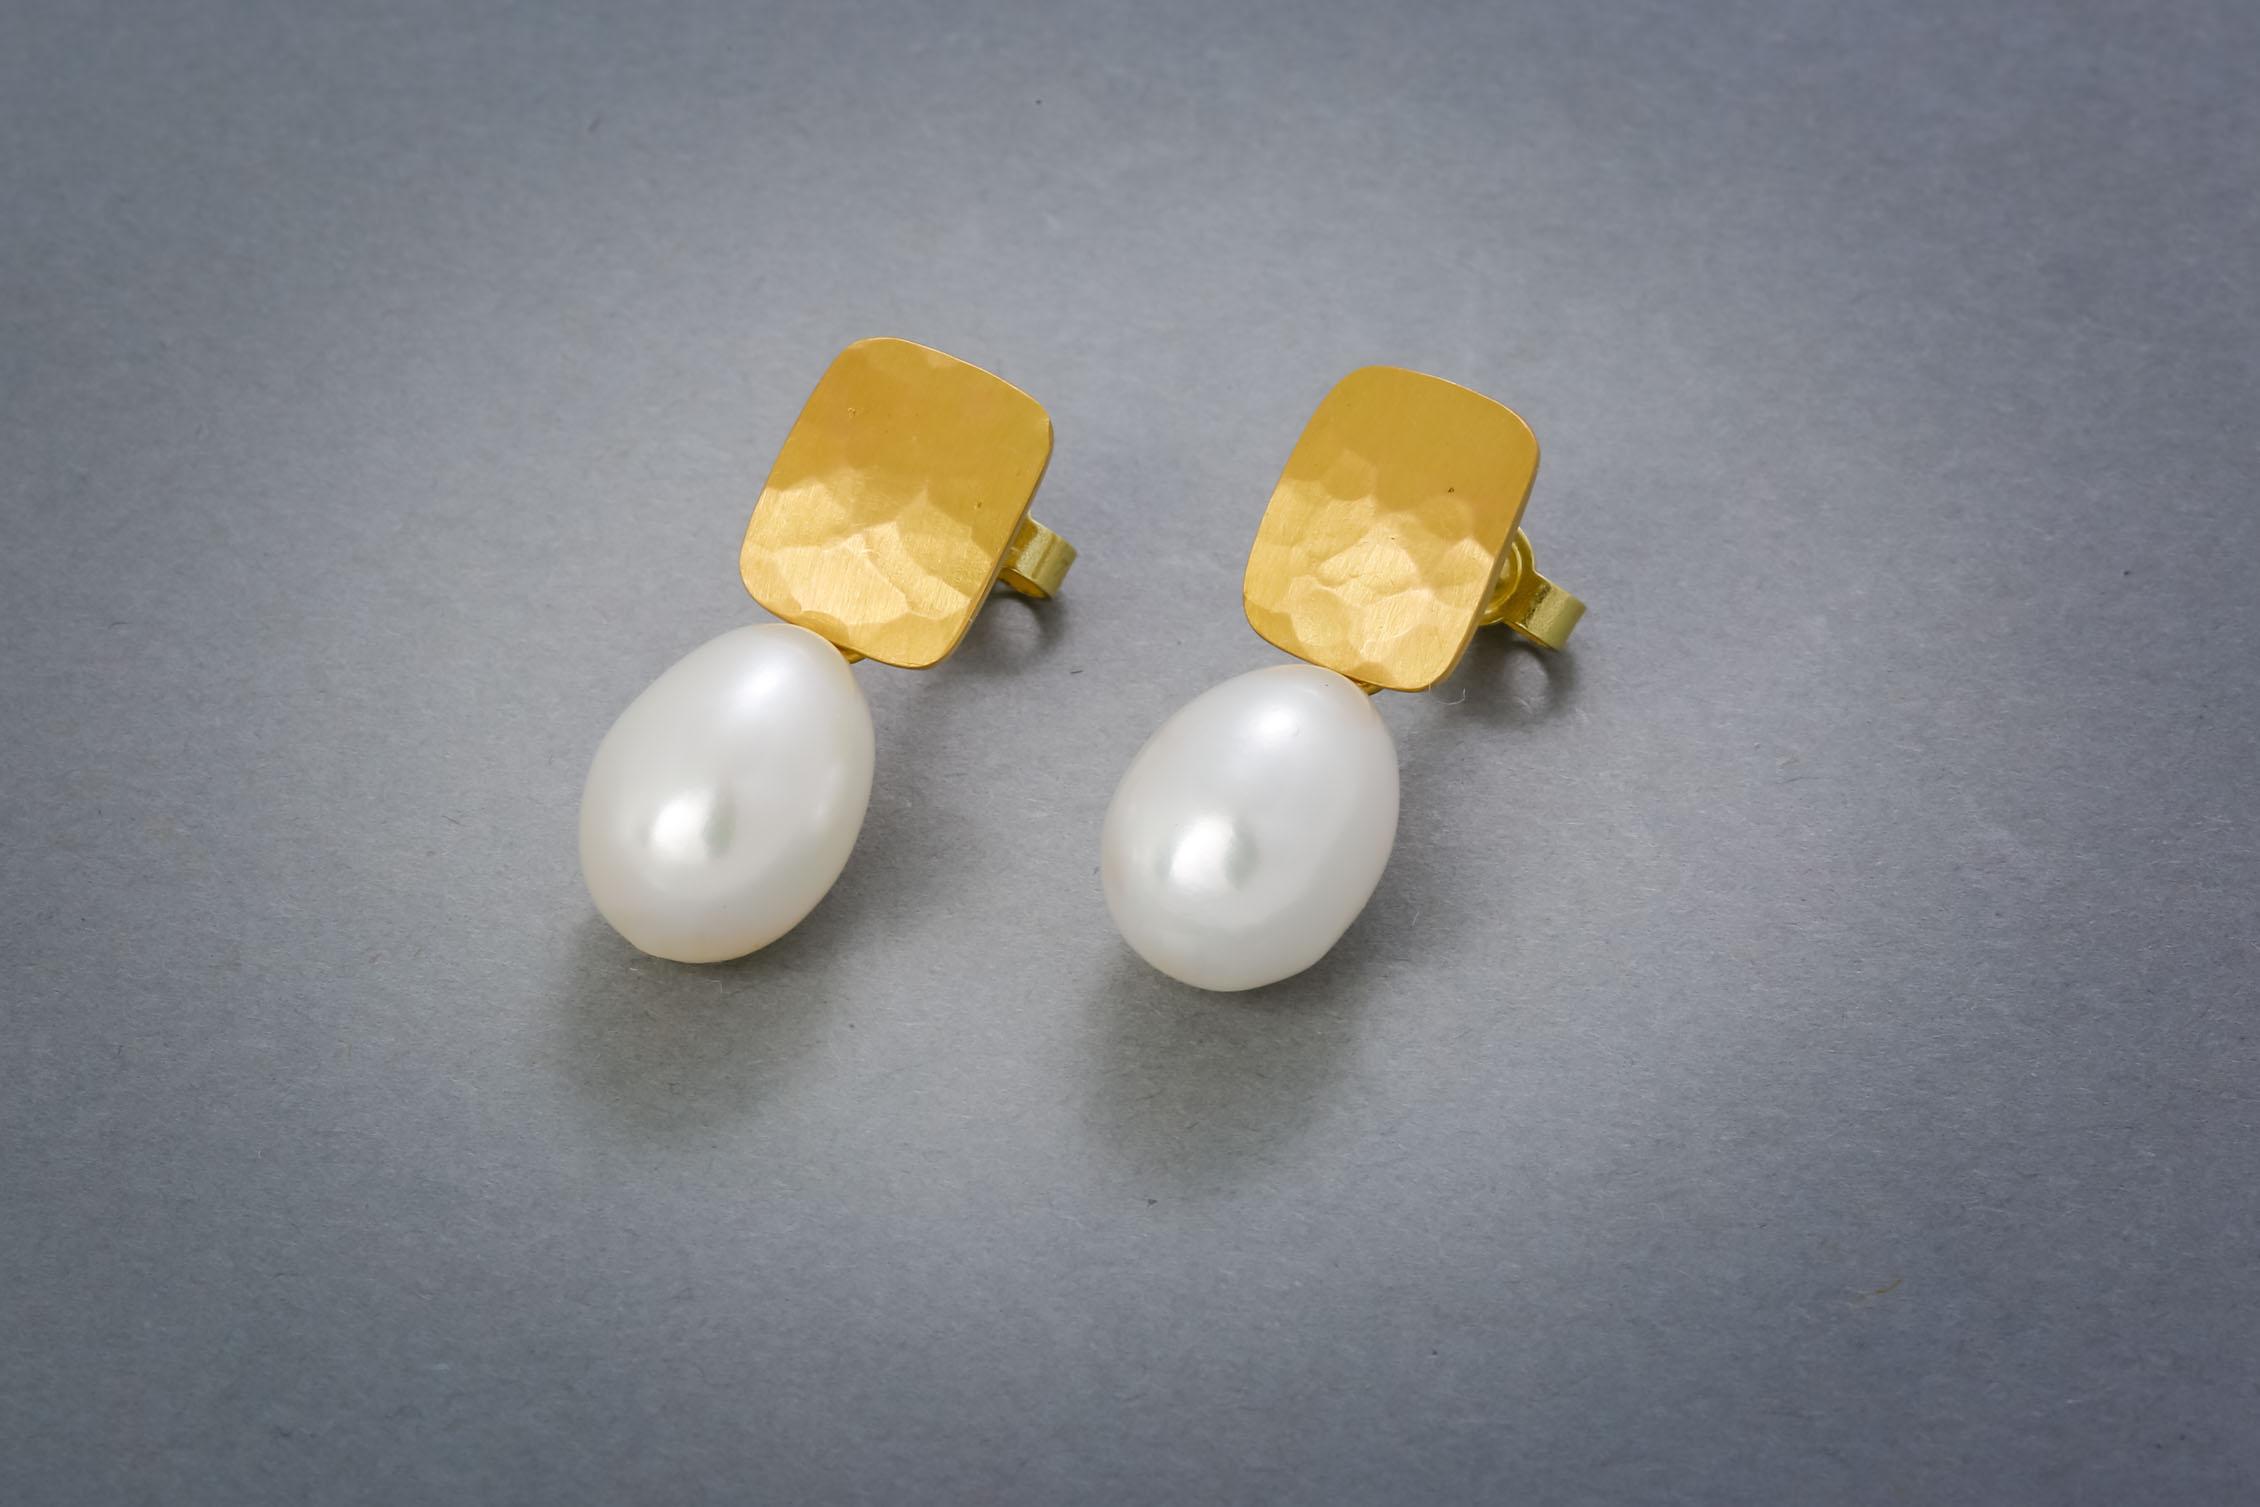 117 Goldohrringe, 21kt, Perlen ab € 528,-